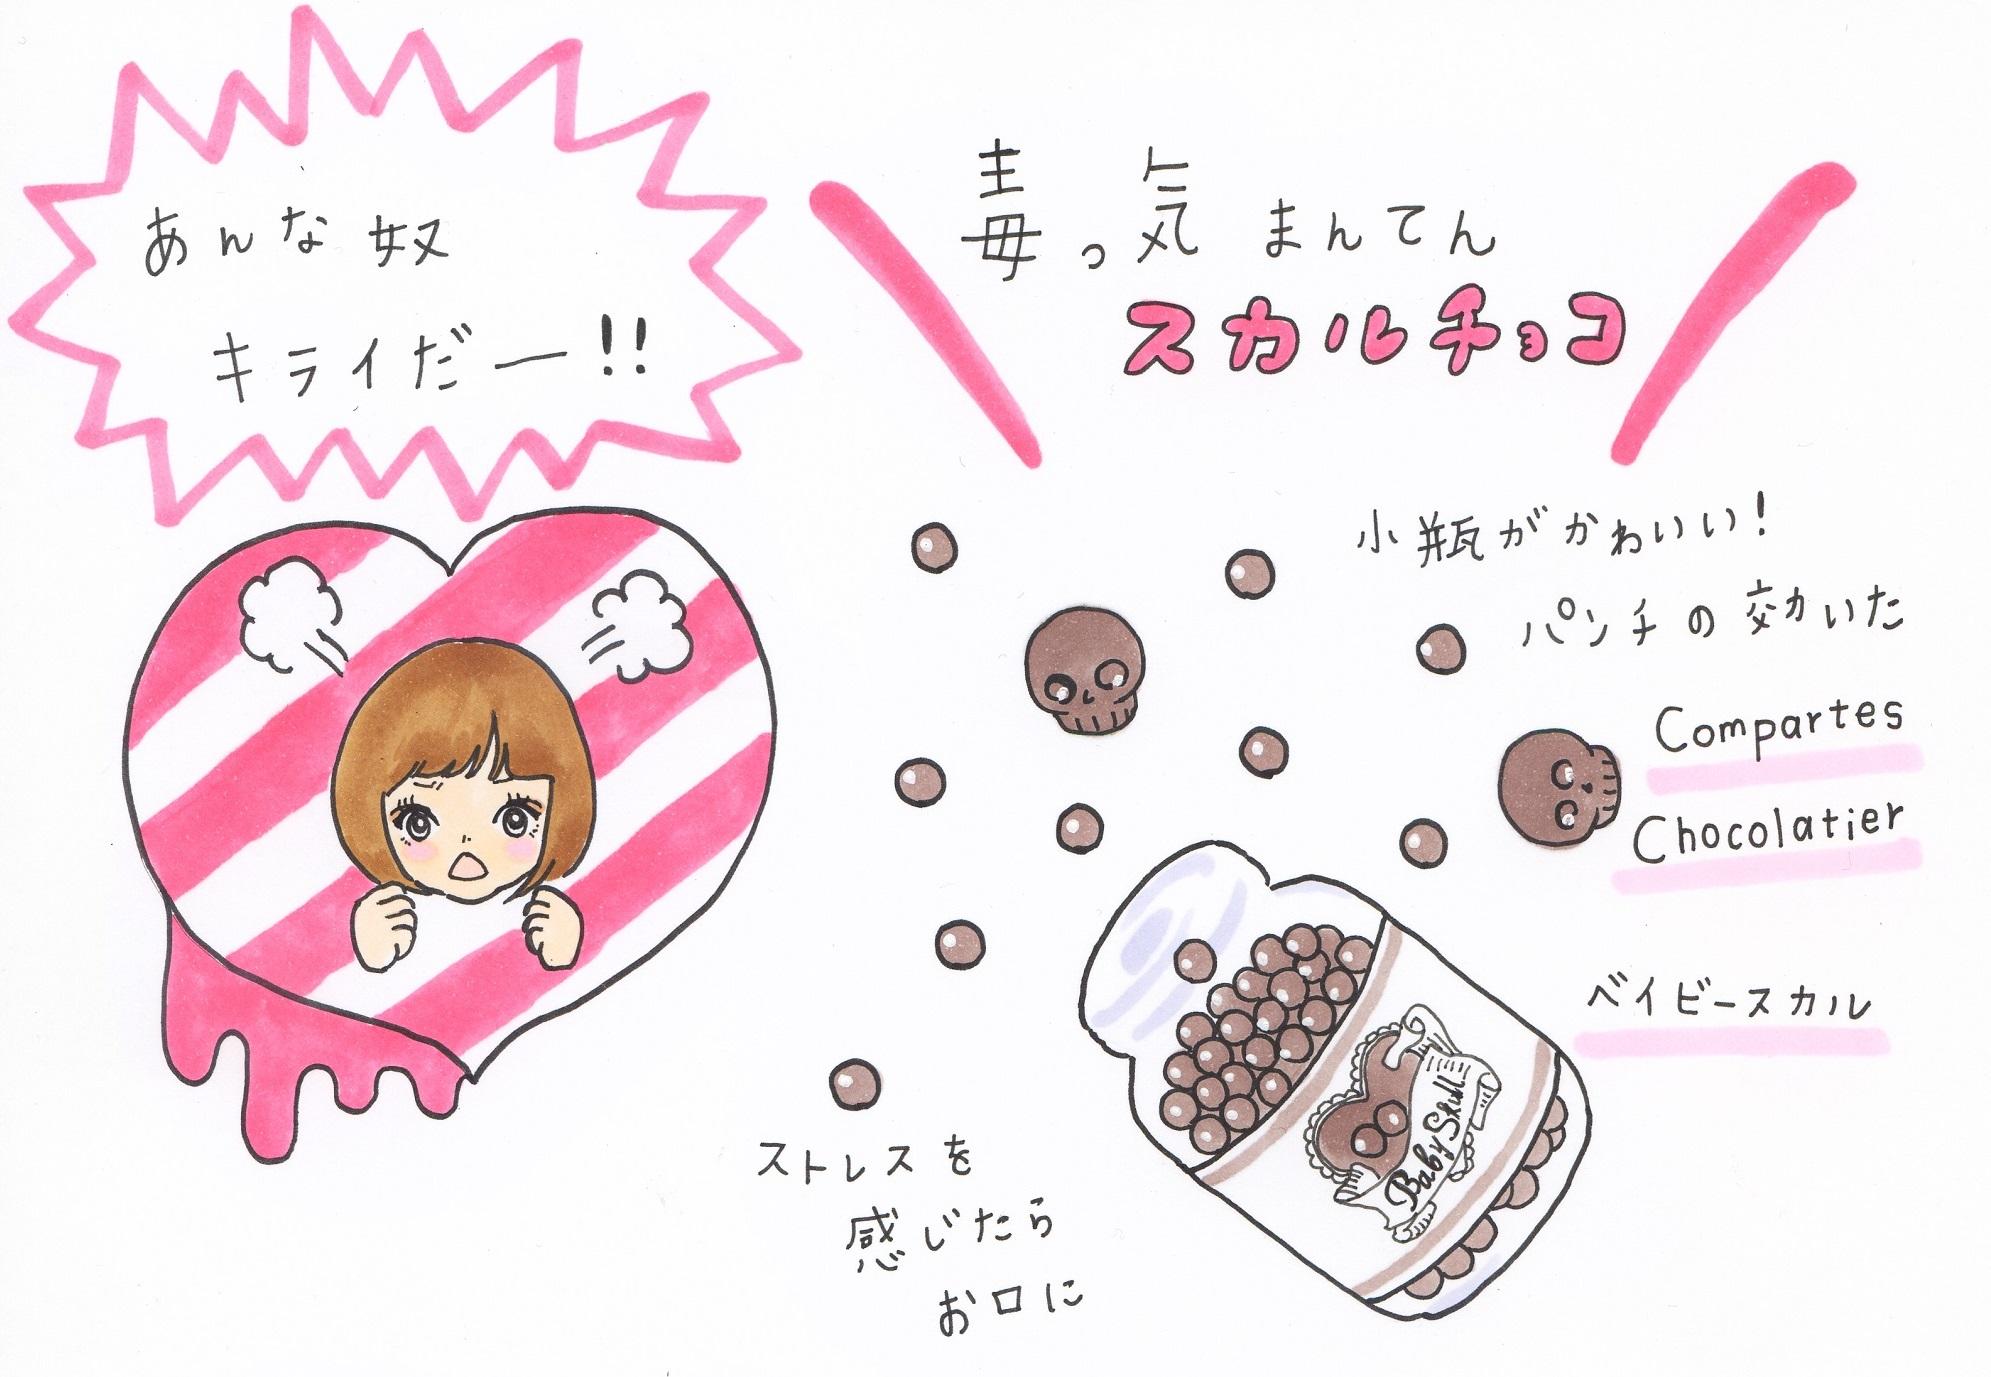 妄想恋愛日記@タイプ別 失恋中の女友達にあげたい友チョコ4選